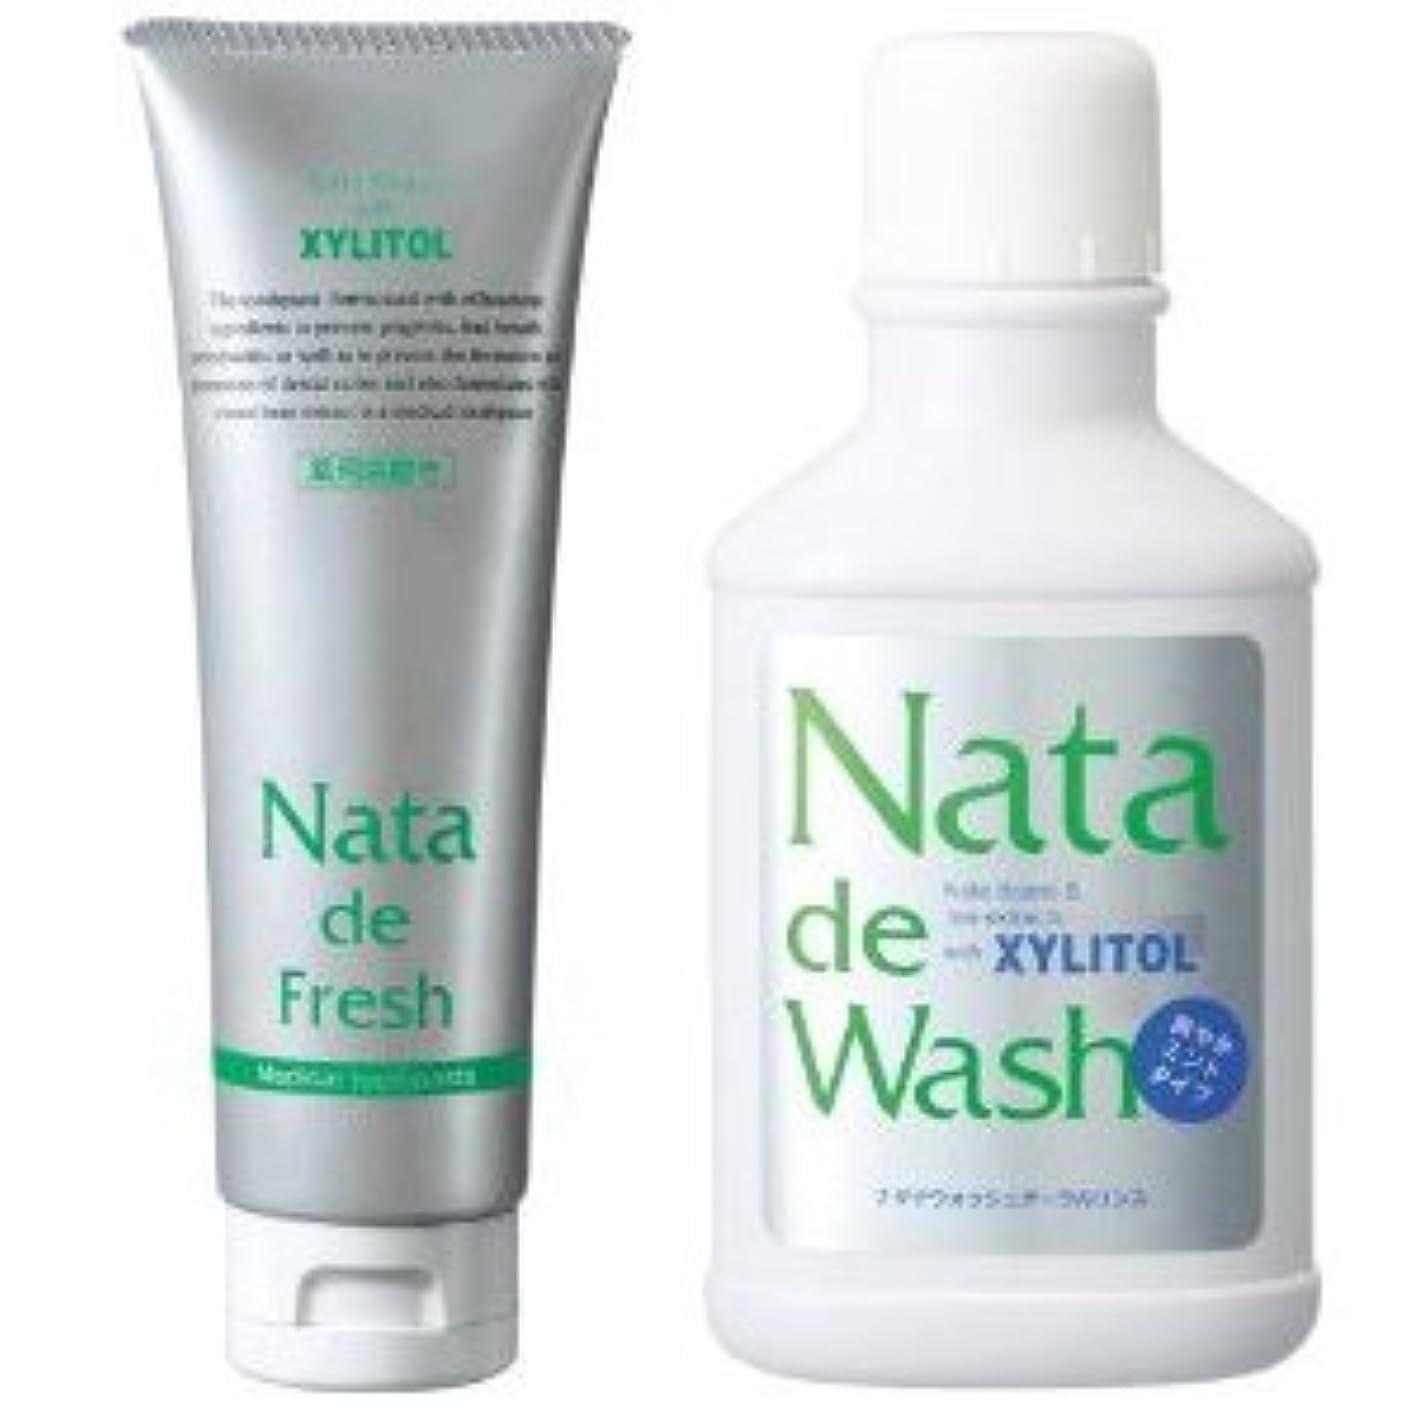 乱用吸収する複雑ナタデウォッシュ 口内環境セット 歯磨き+マウスウォッシュ バラデフレッシュ+バラデウォッシュ